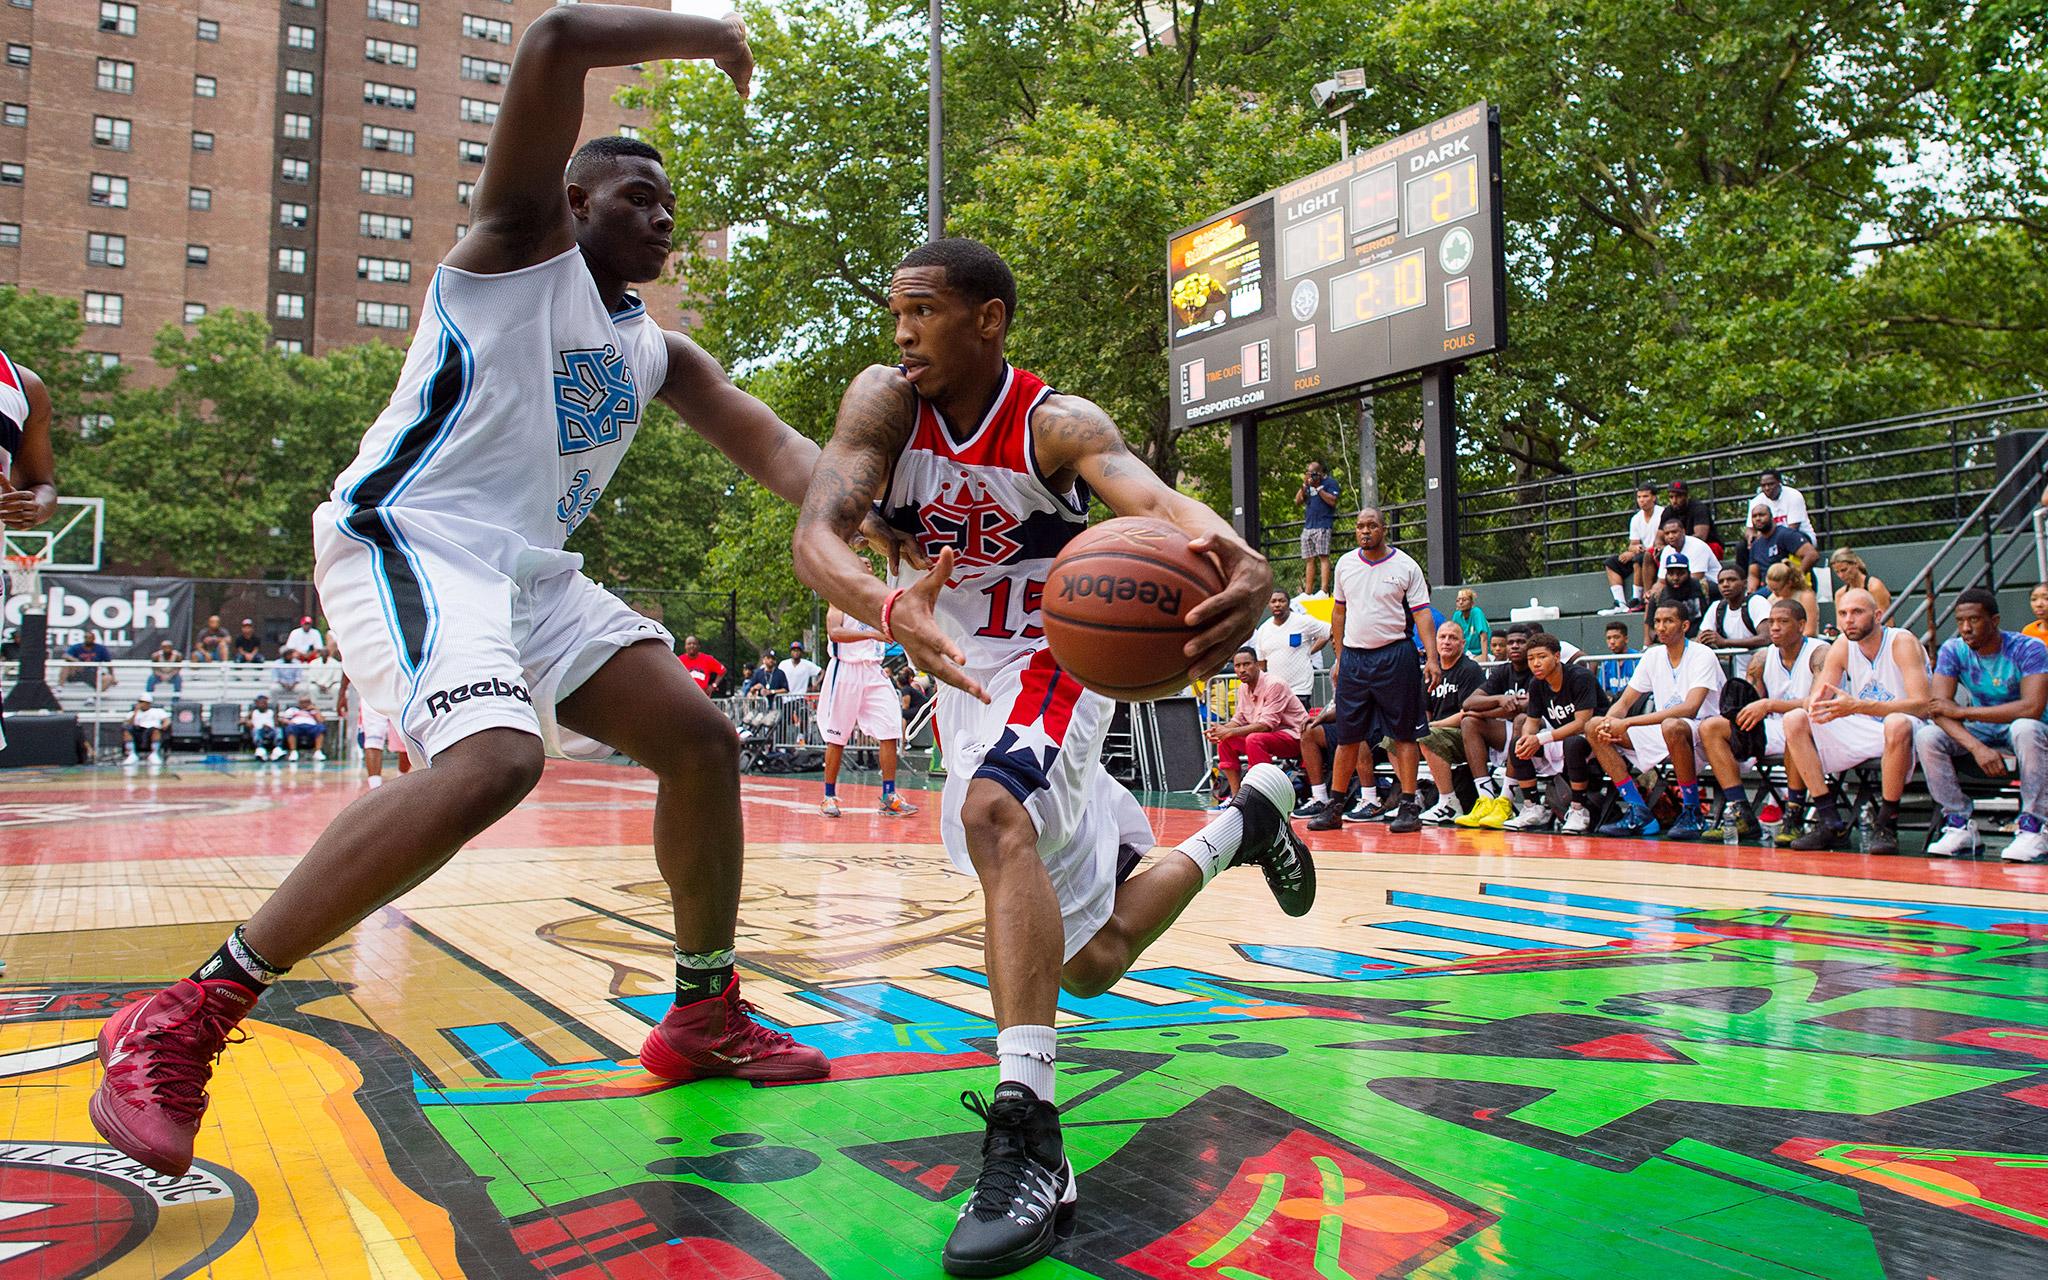 Find Your Lane - Gallery: Playground Basketball - ESPN